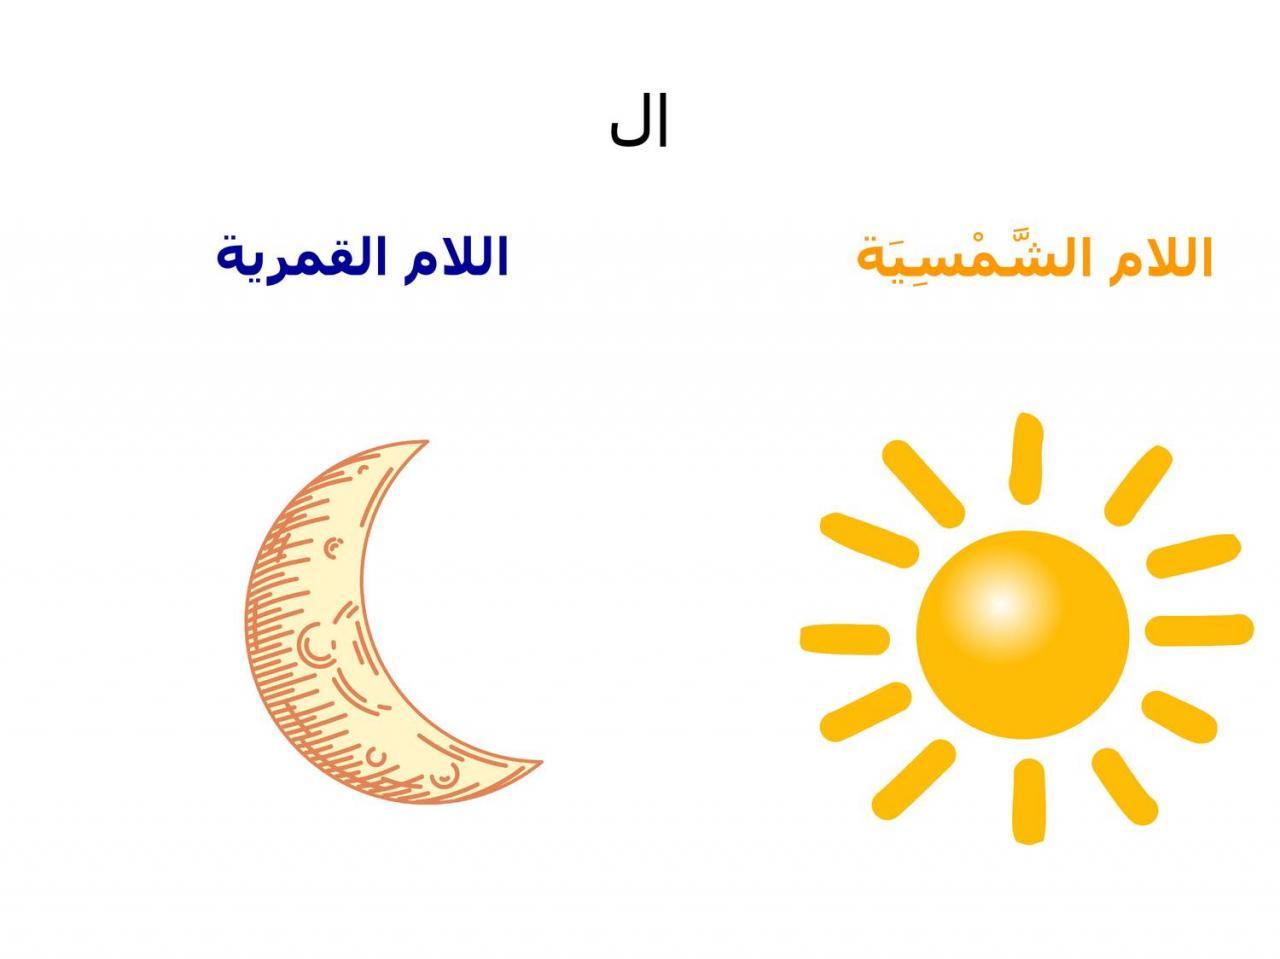 صورة الفرق بين اللام الشمسية والقمرية , قصه الشمس والقمر